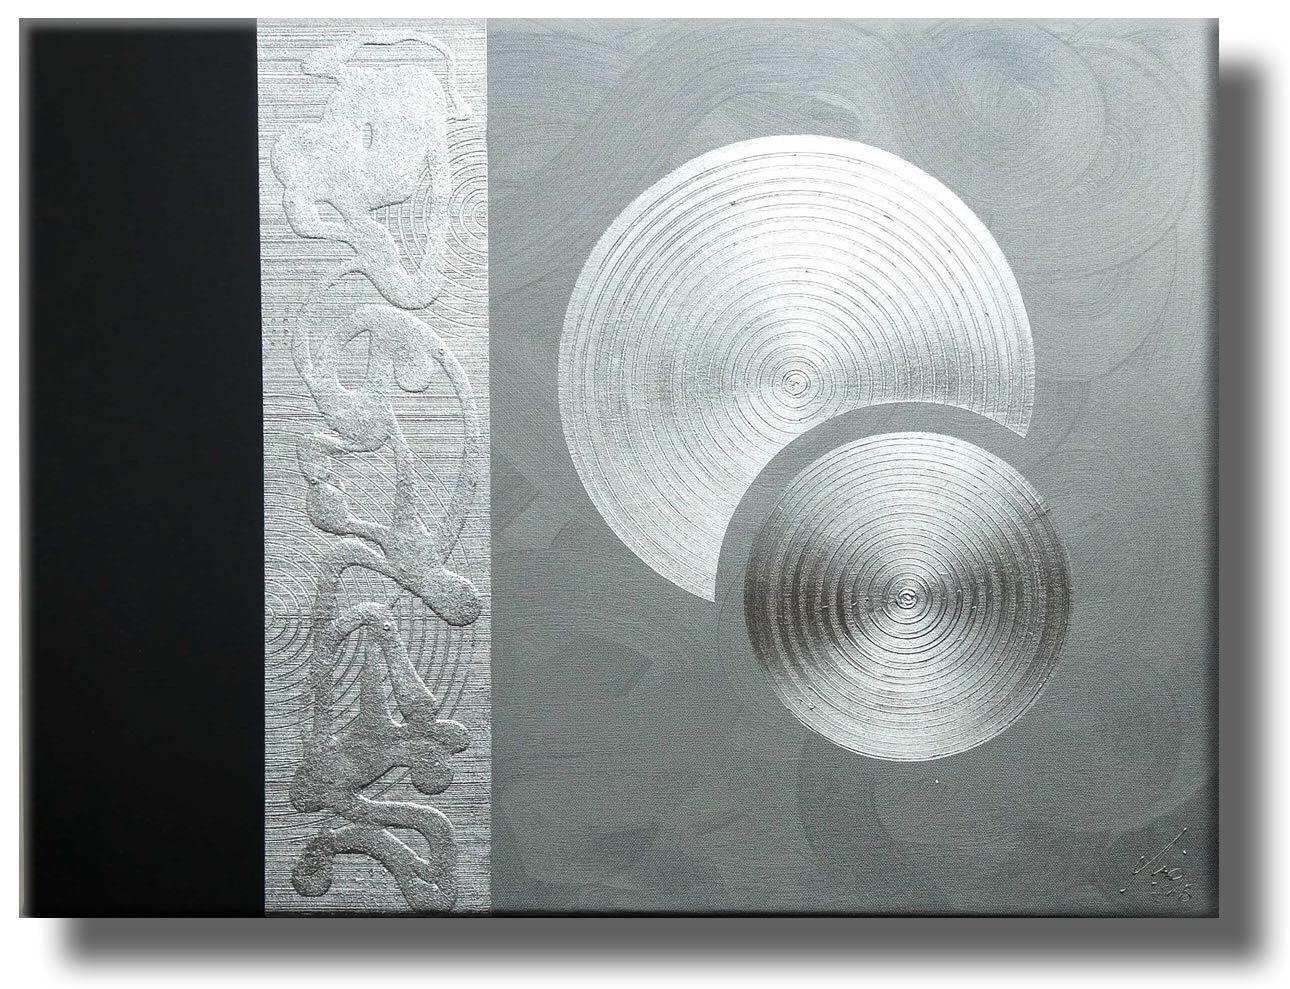 MALEREI KUNST Original abstrakt Bilder HANDGEMALT 80x60 Leinwand C. GOETHE